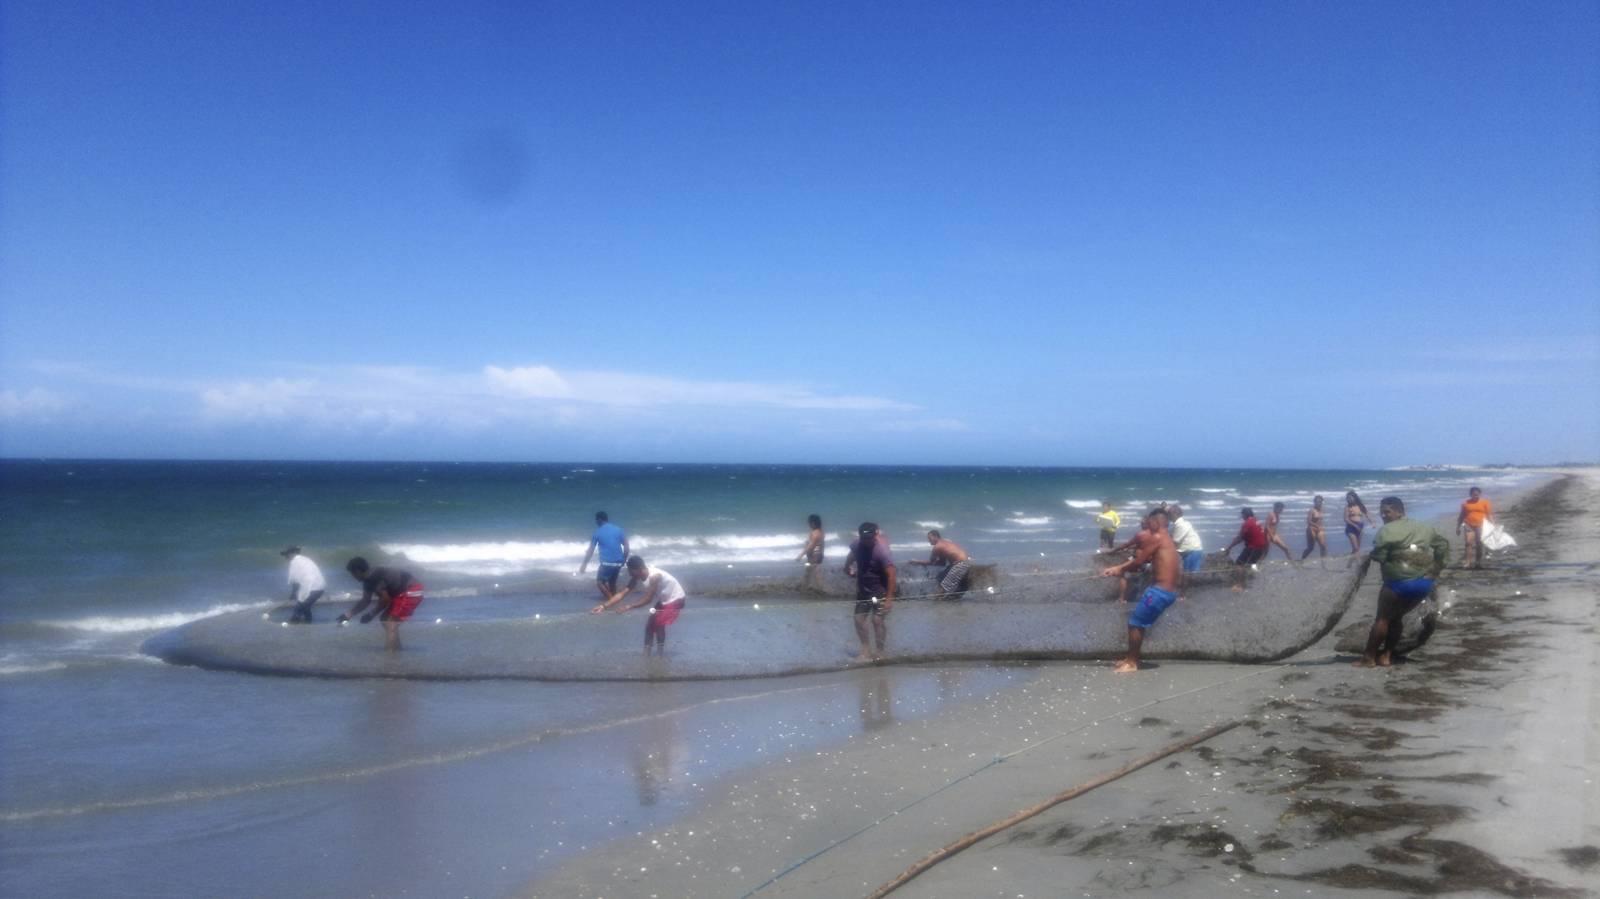 Brasile-beach-spiaggia-pescatori-fishermen-guajiru